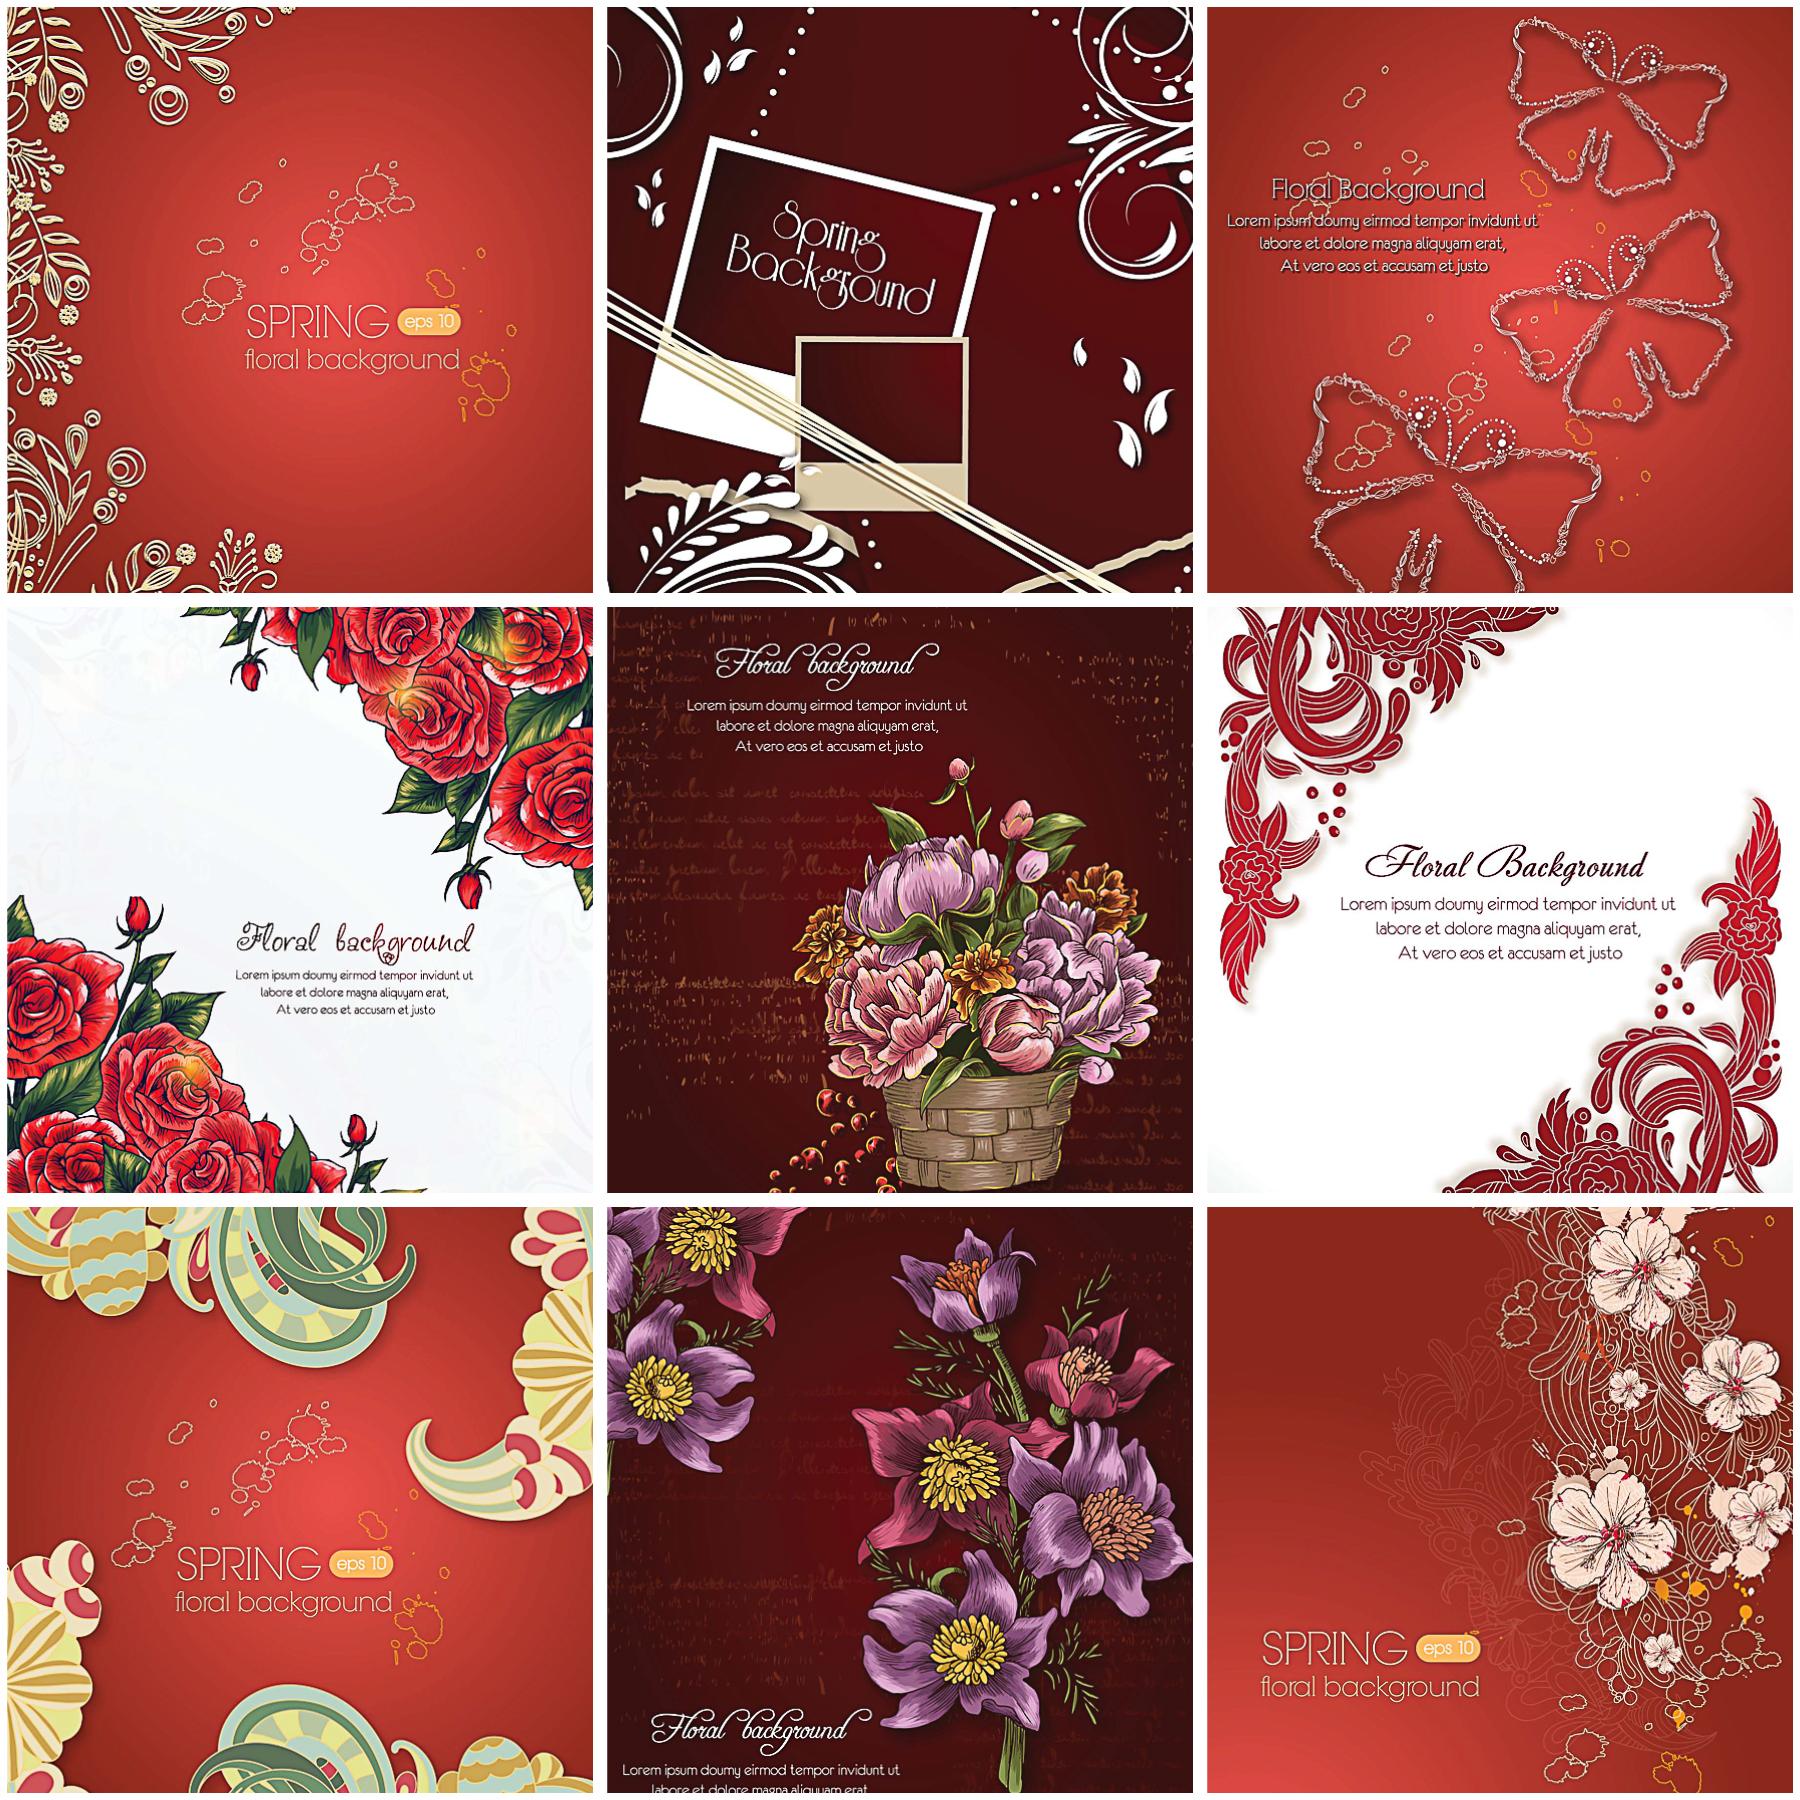 Floral backgrounds spring red set vector